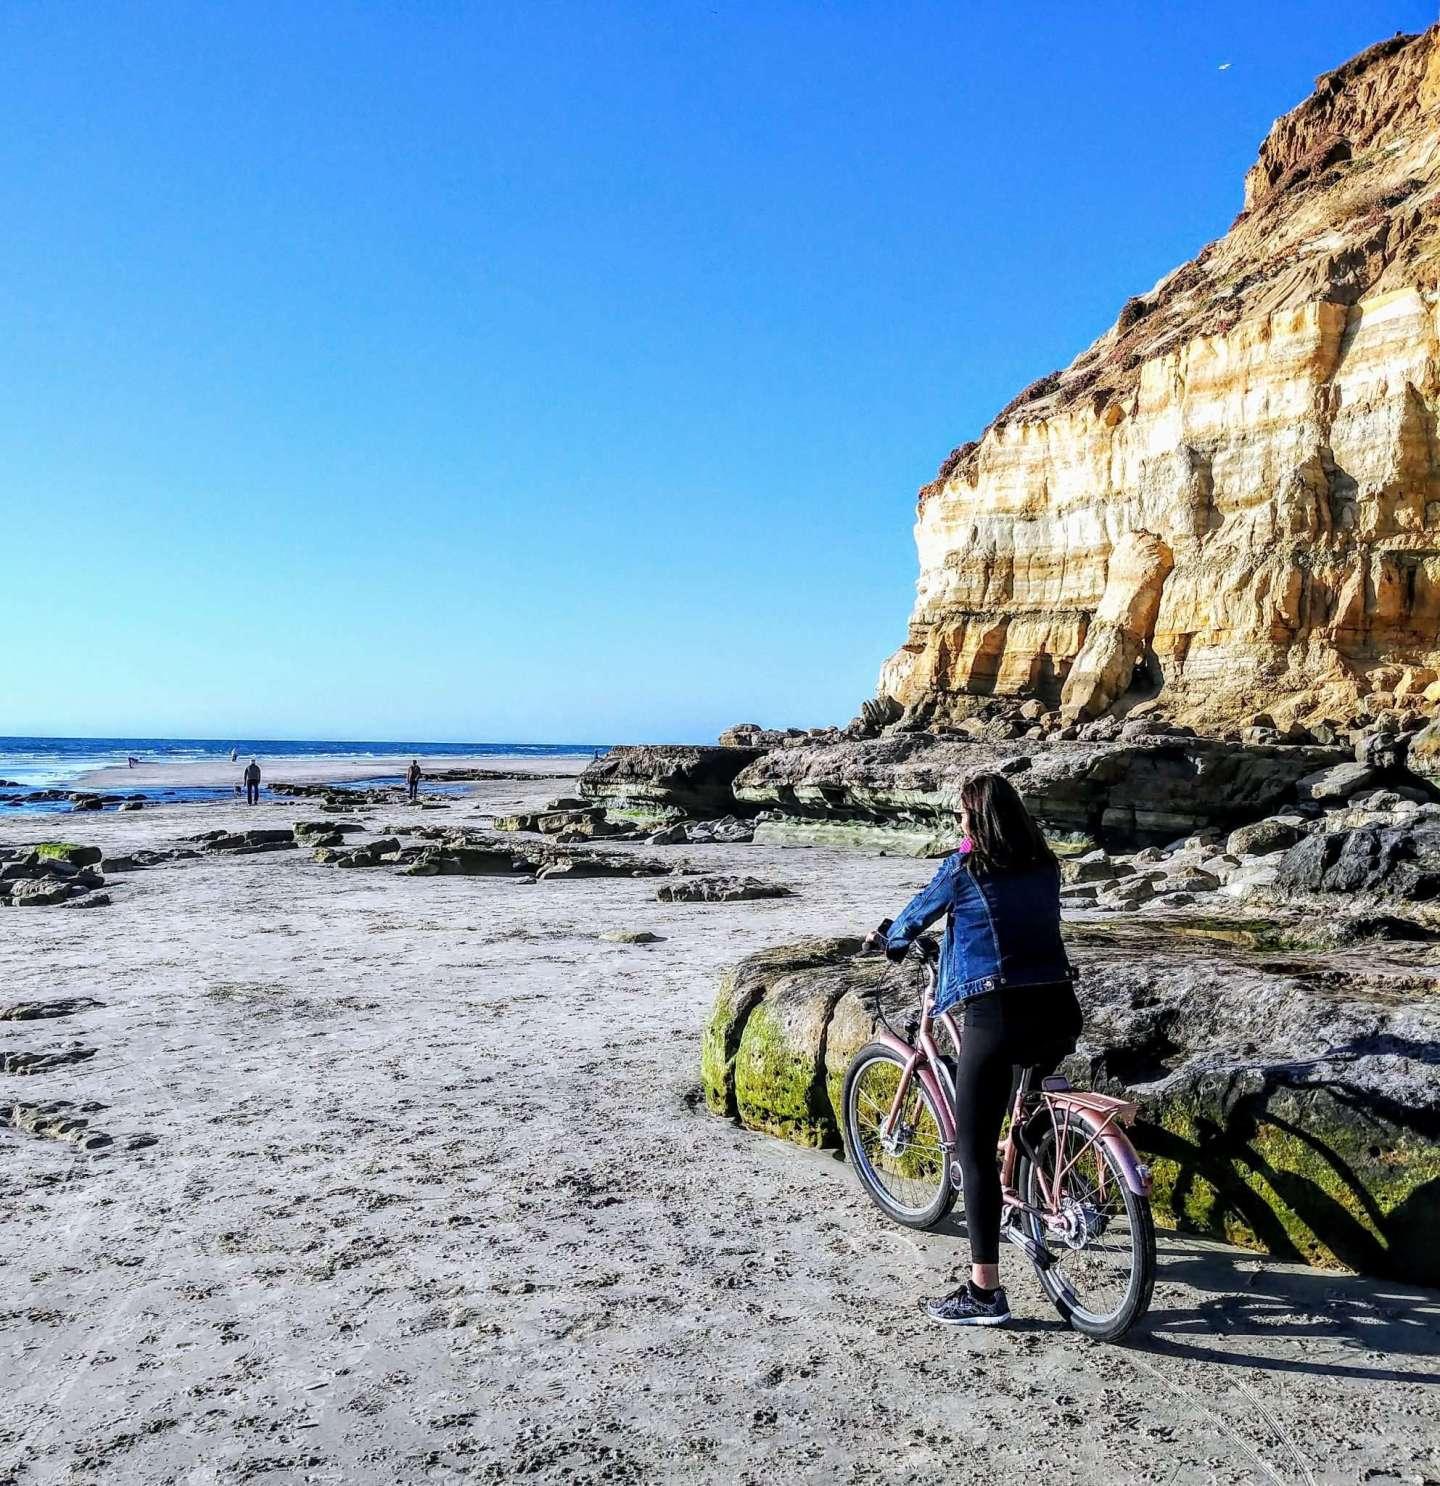 L'Auberge Del Mar - A Luxury Beach Getaway